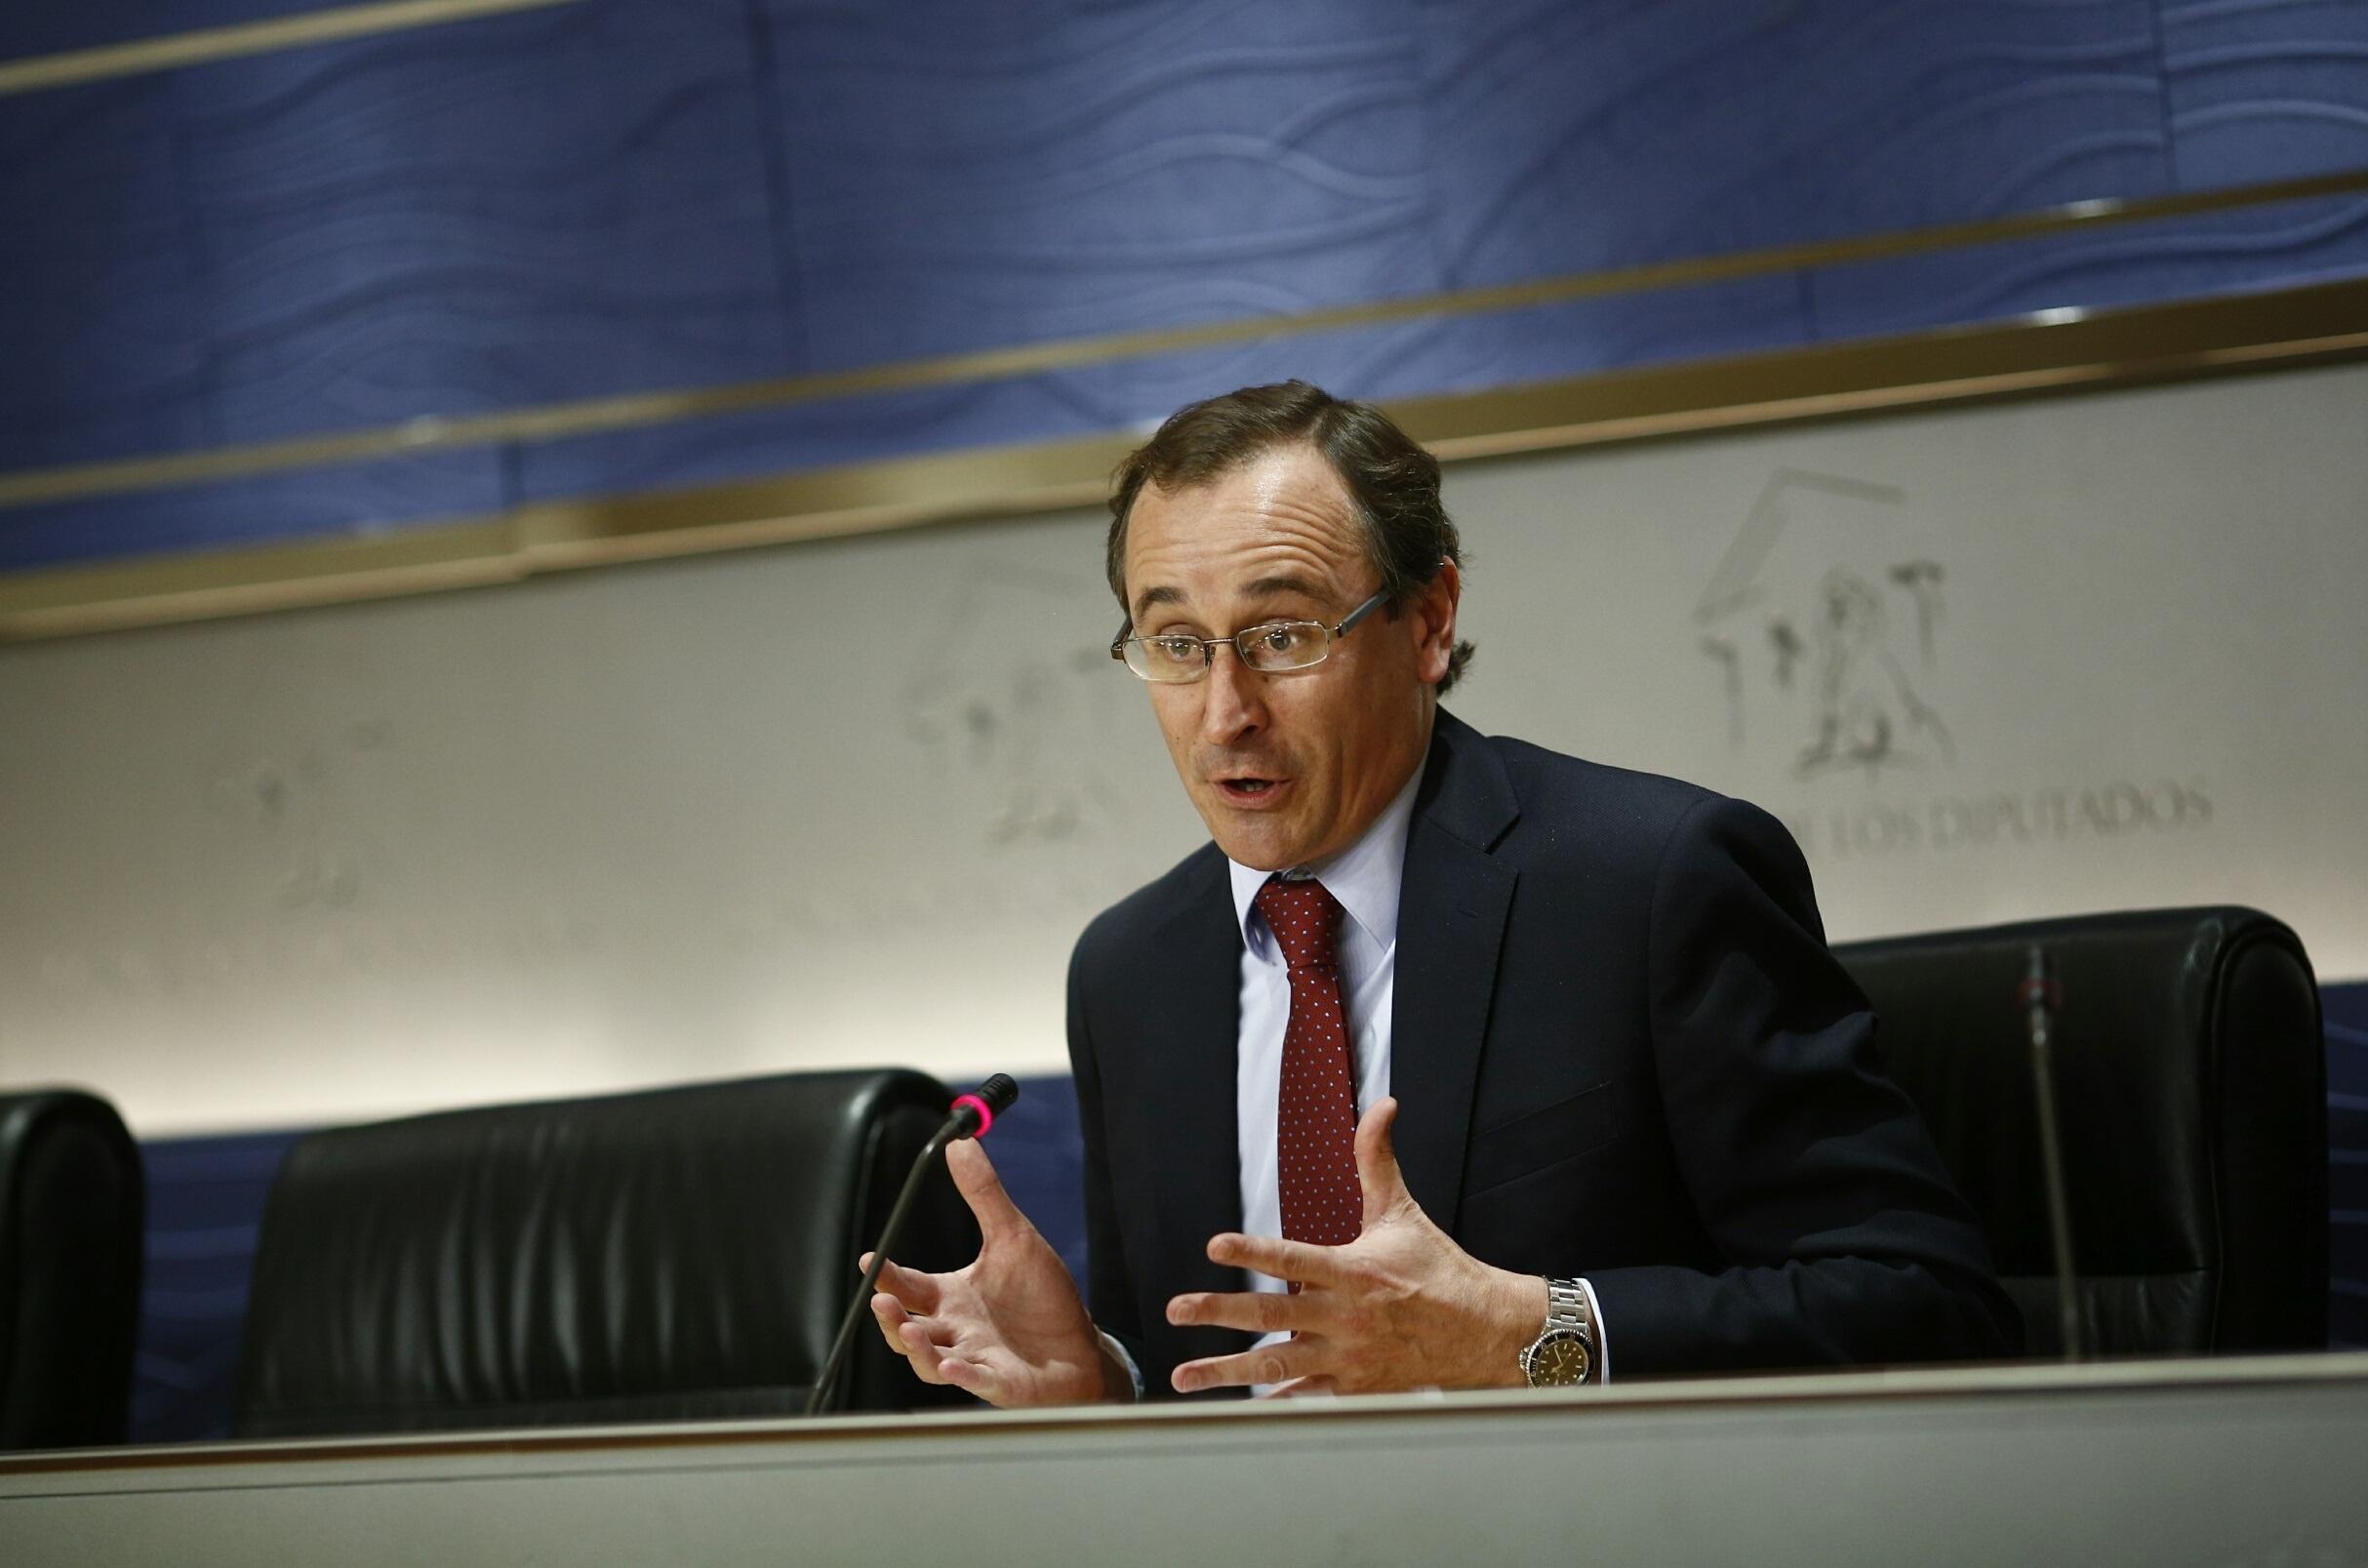 El PP admite que «determinadas informaciones» sobre Blesa no afectan «muy bien» a la imagen del partido